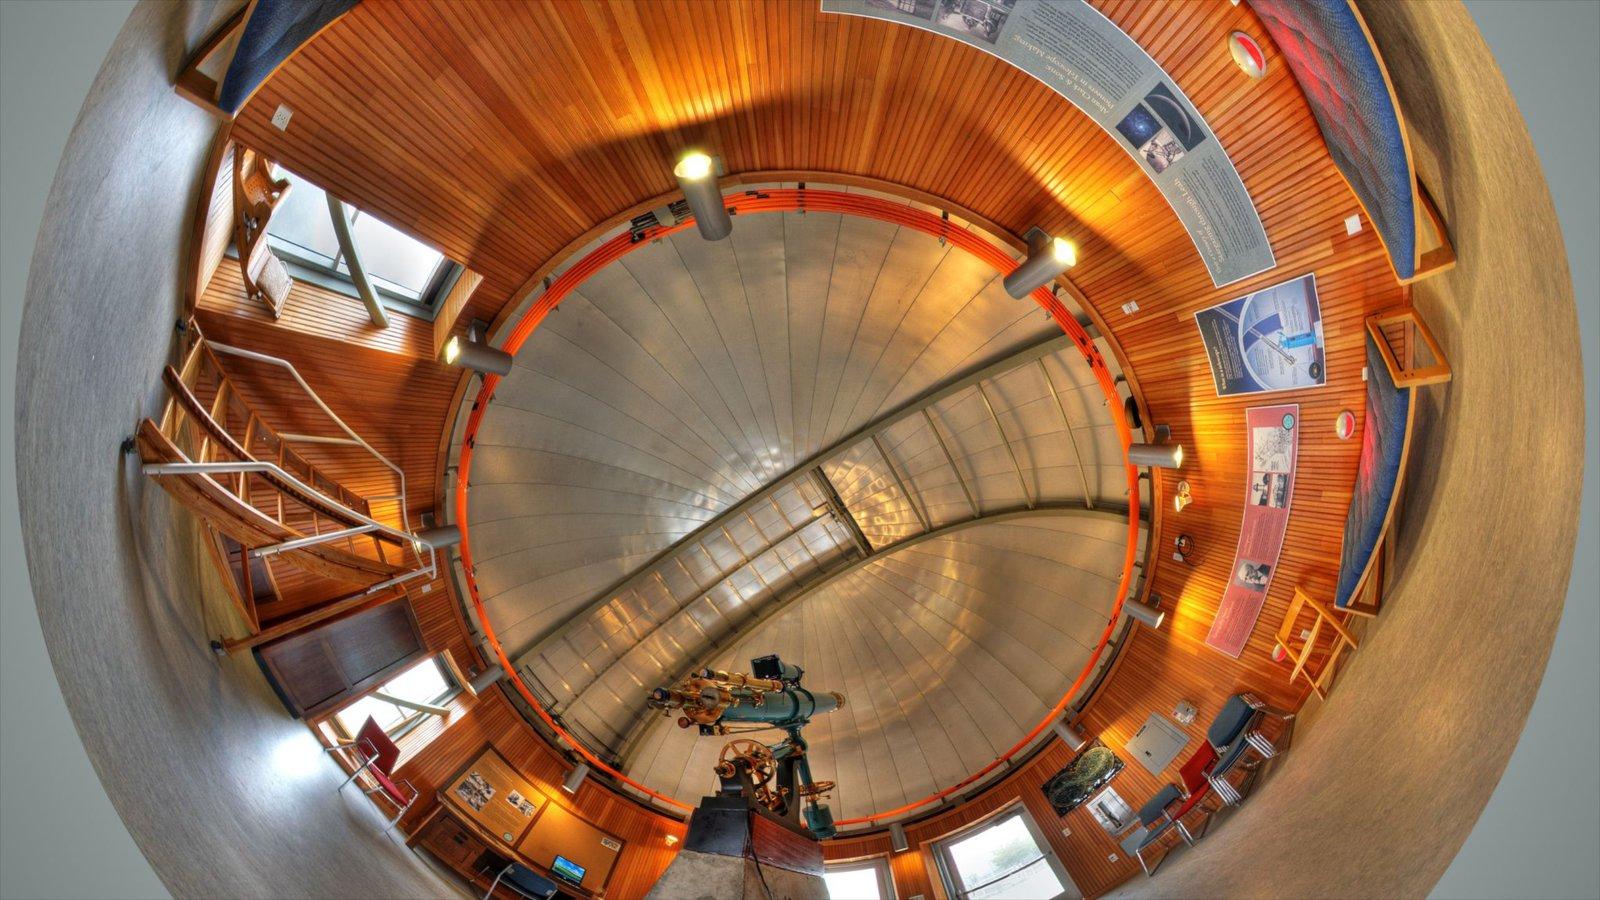 Chabot Space and Science Center caracterizando um observatório e vistas internas